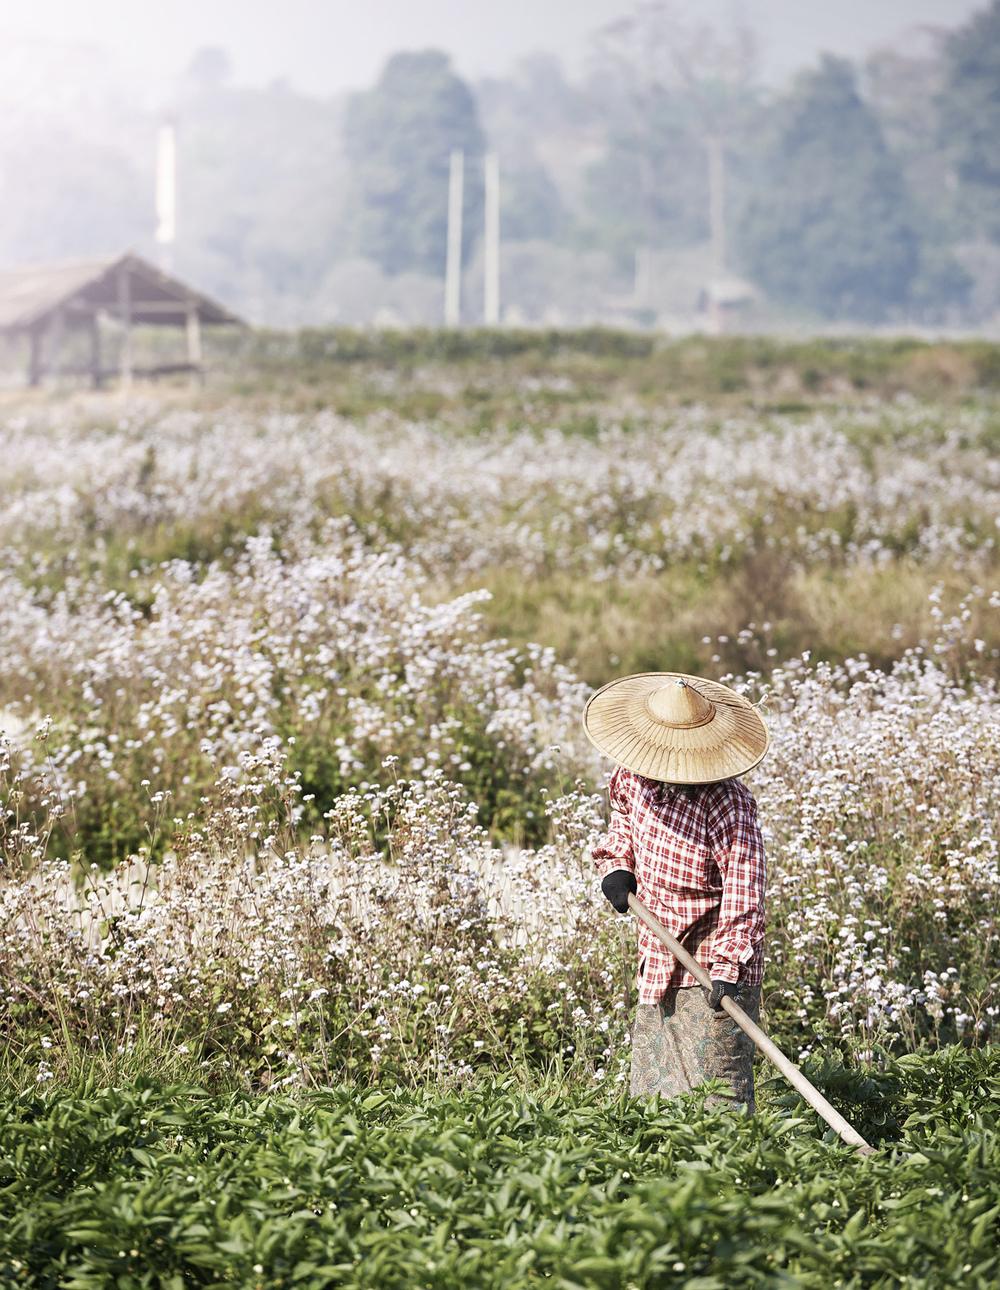 field tilling.jpg